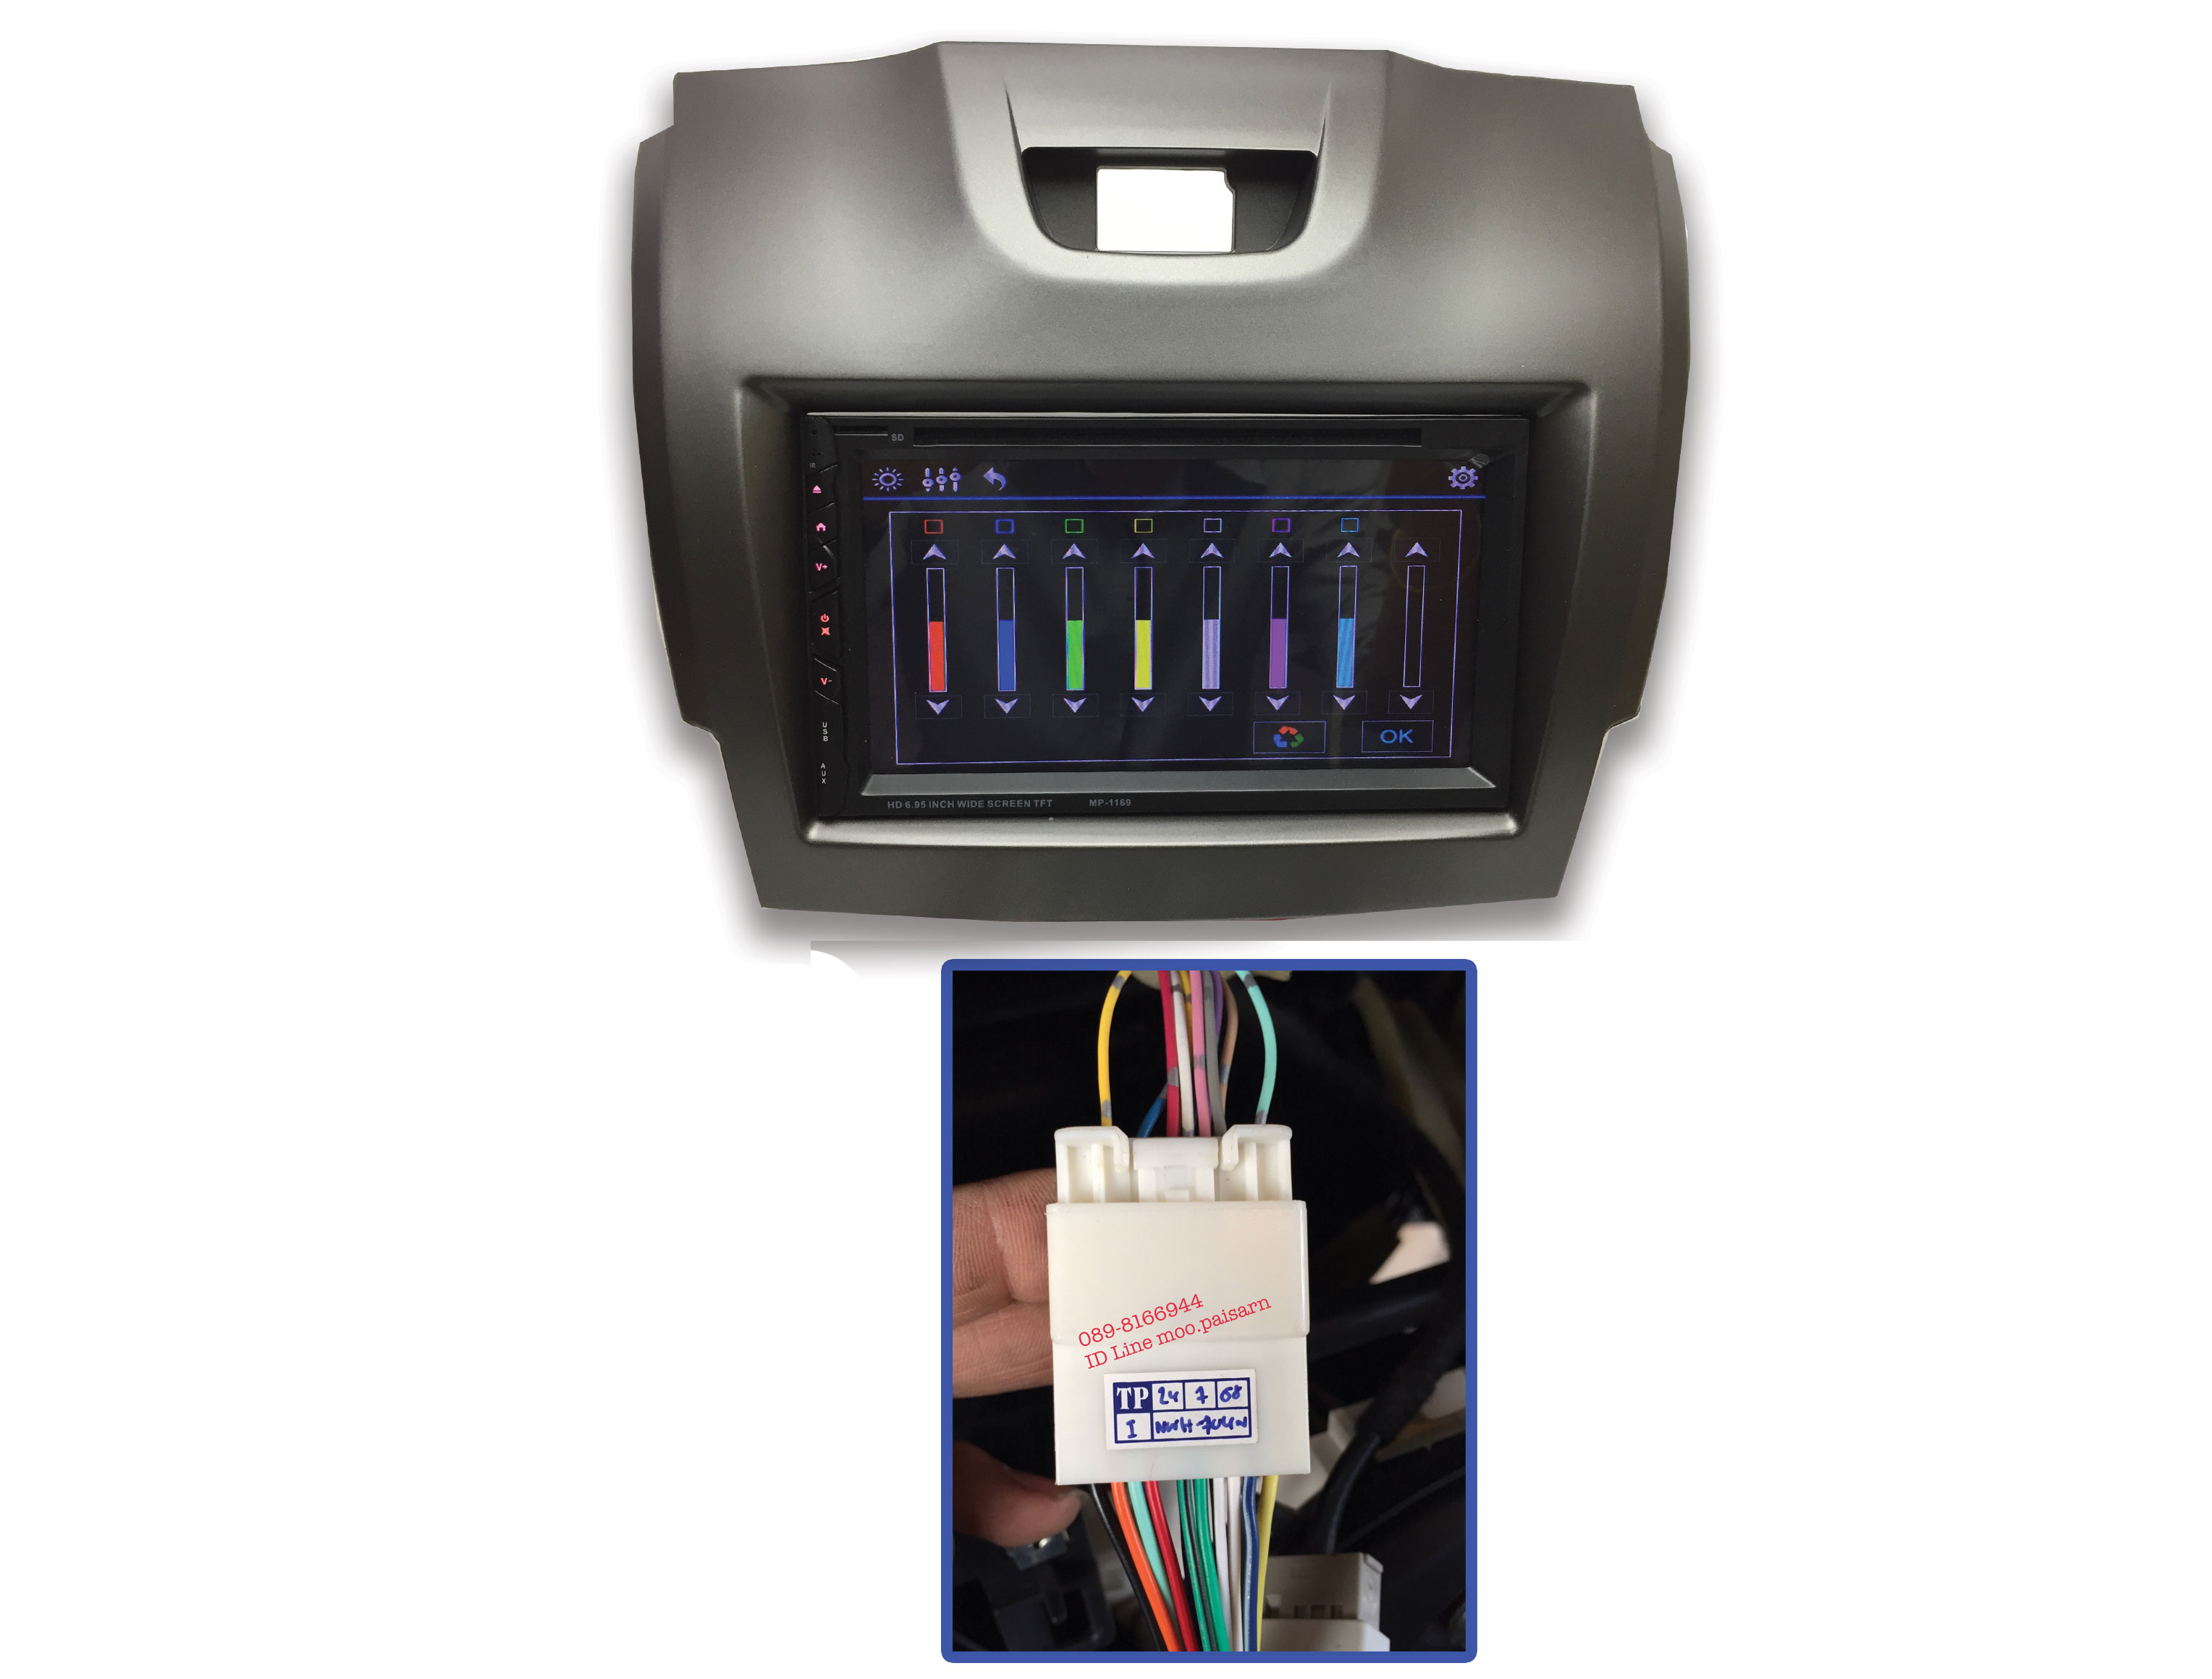 เครื่องเล่นวิทยุ 2 ดิน ยี่ห้อ Sirocco MP-1169 Mirror Link พร้อมหน้ากาก Chevrolet Colorado 2012-2014 พร้อมส่ง